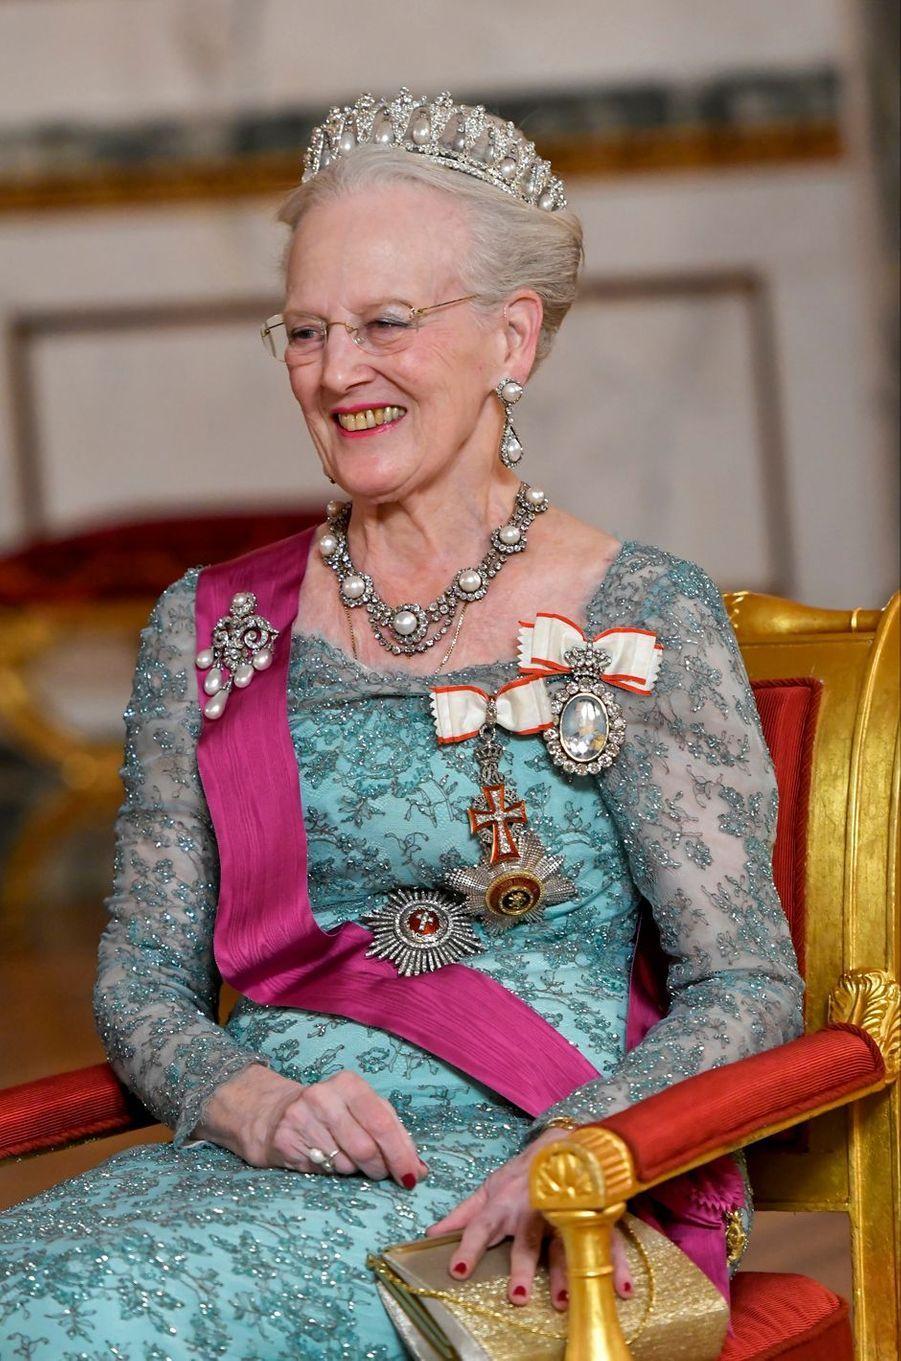 La reine Margrethe II de Danemark à Copenhague, le 28 mars 2017